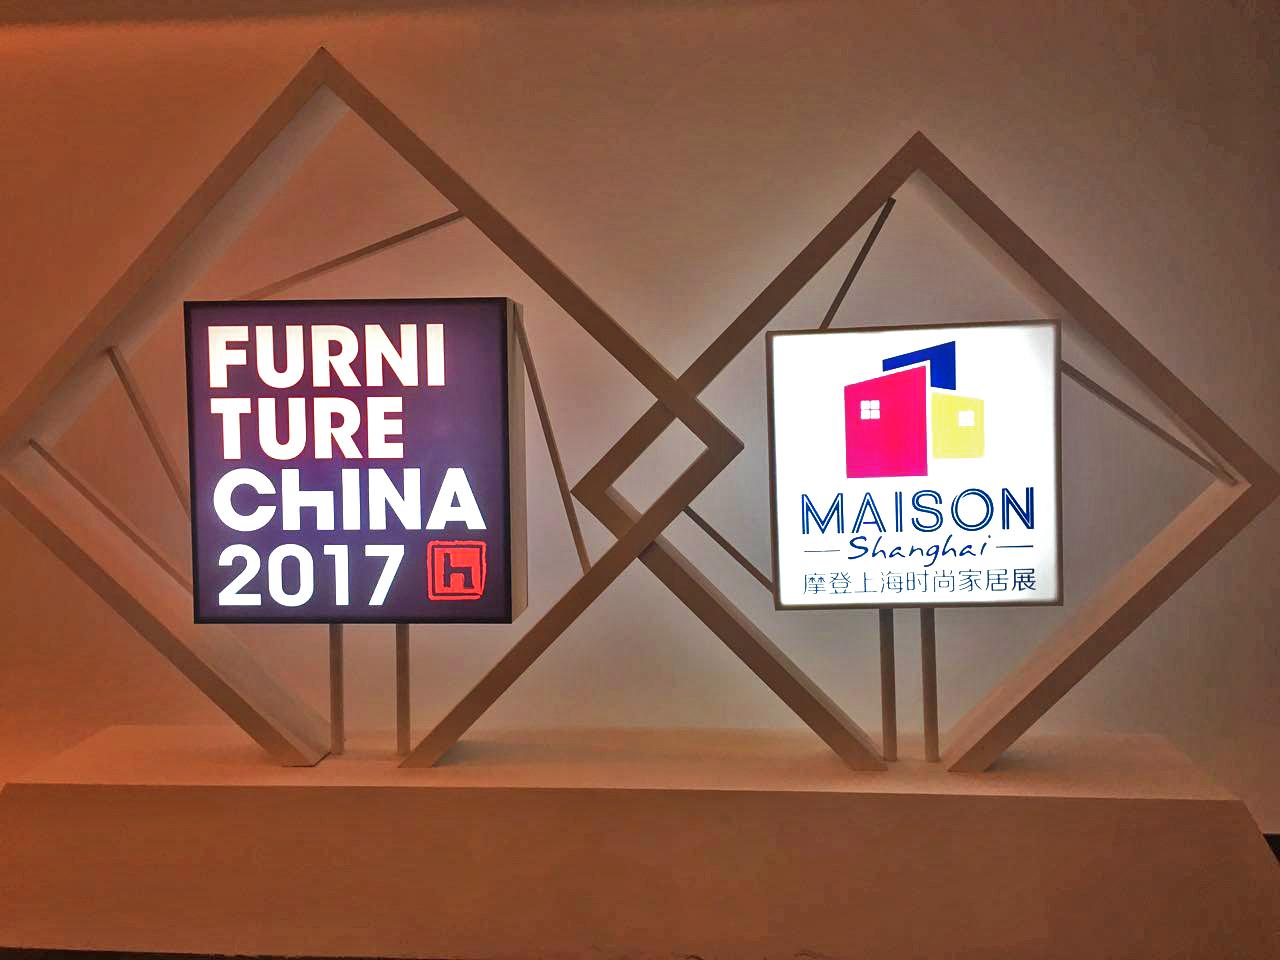 上海浦东家具/家居展首场新闻发布会在上海召开